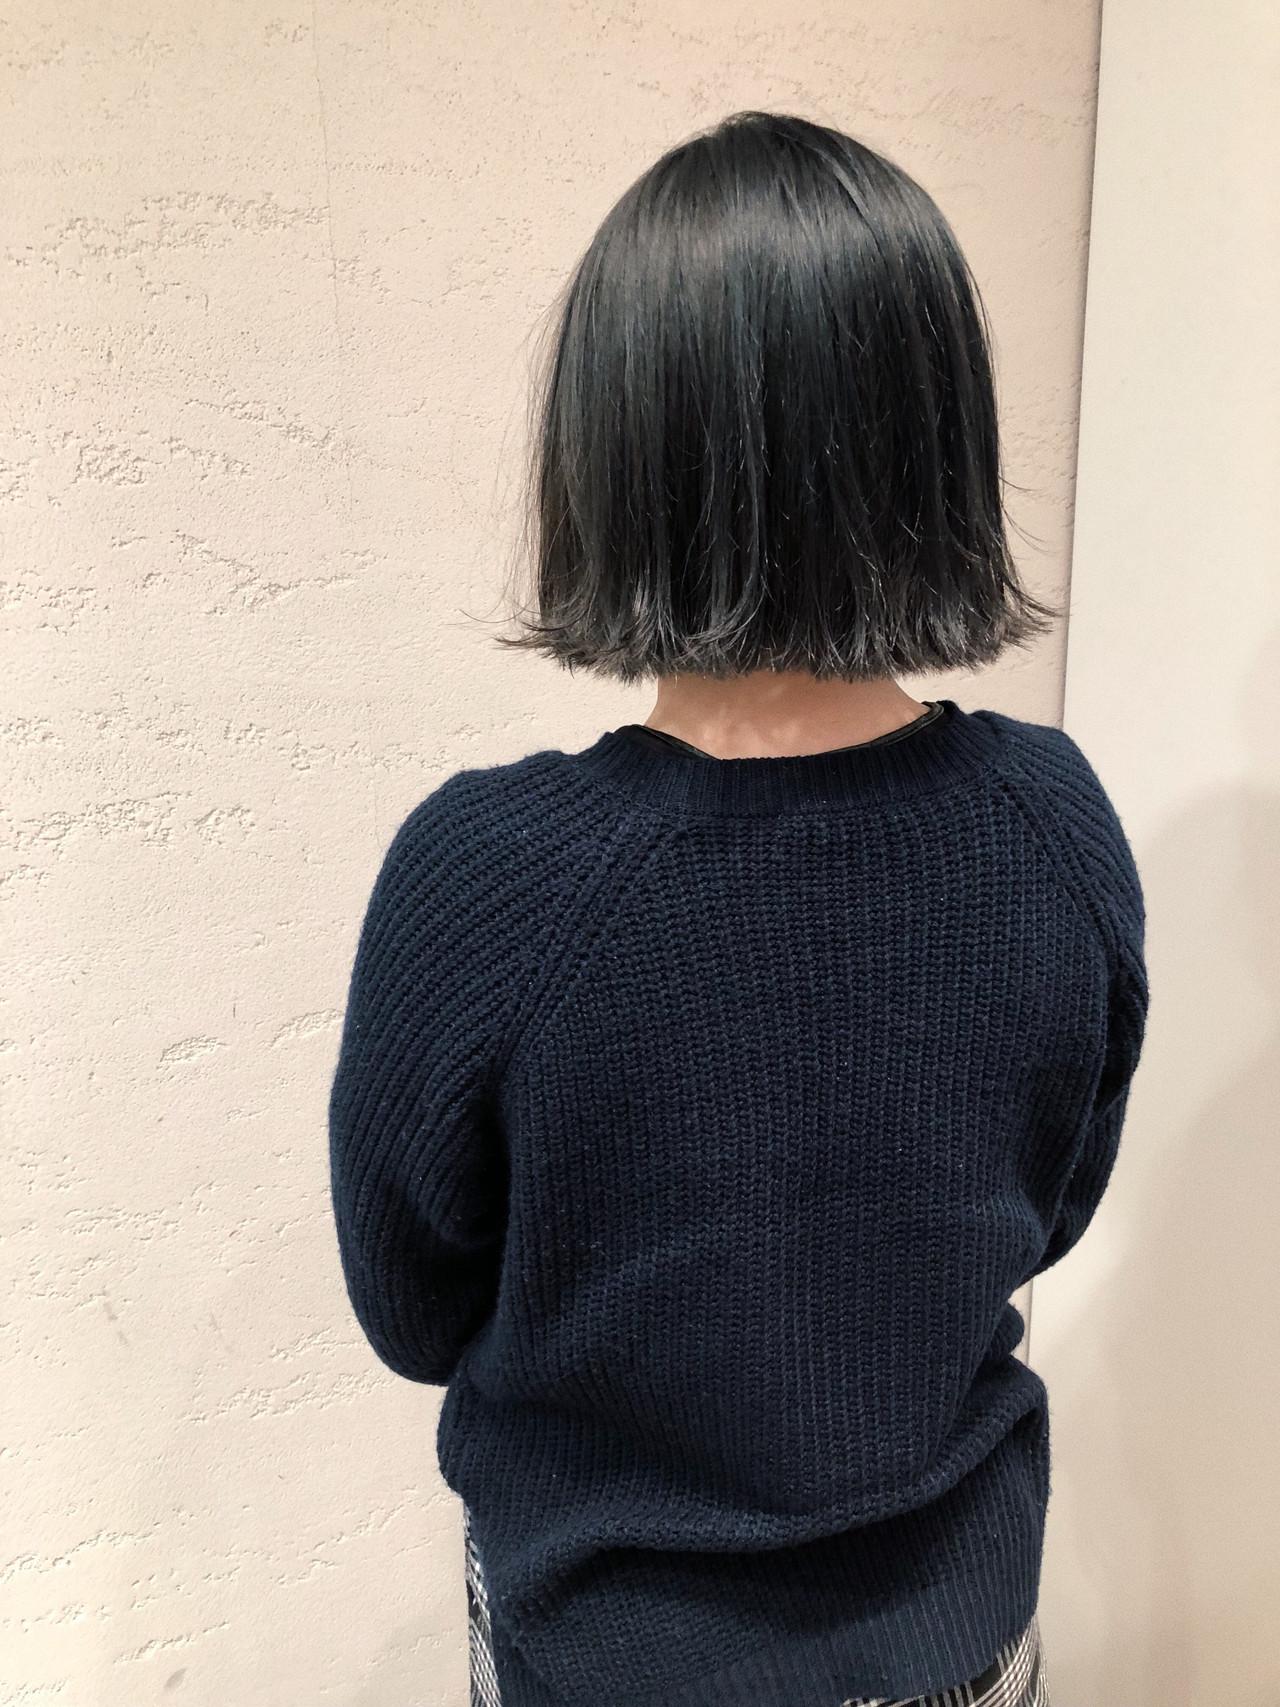 ブルーアッシュ ブルージュ ボブ グレーアッシュ ヘアスタイルや髪型の写真・画像